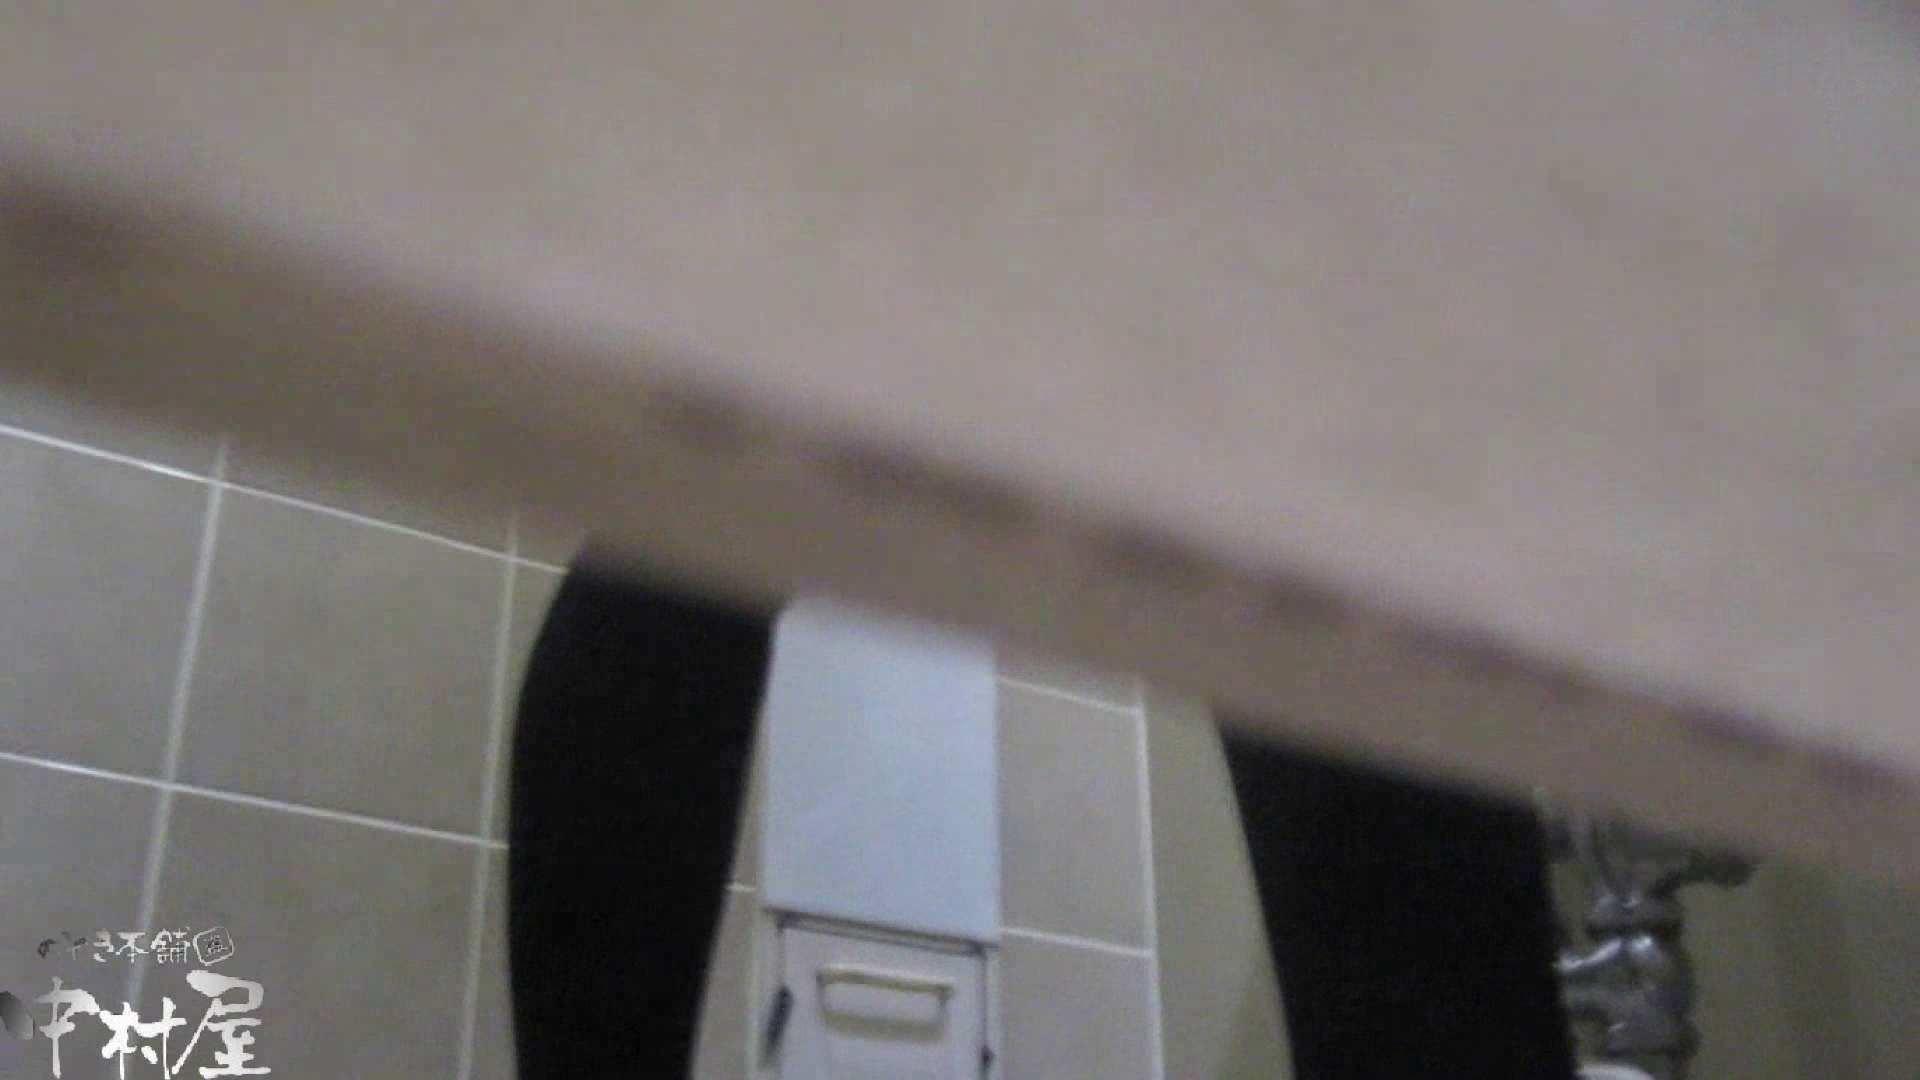 魂のかわや盗撮62連発! ハイソックスギャルの・・・ 20発目! 盗撮 | リアル黄金水  87画像 22